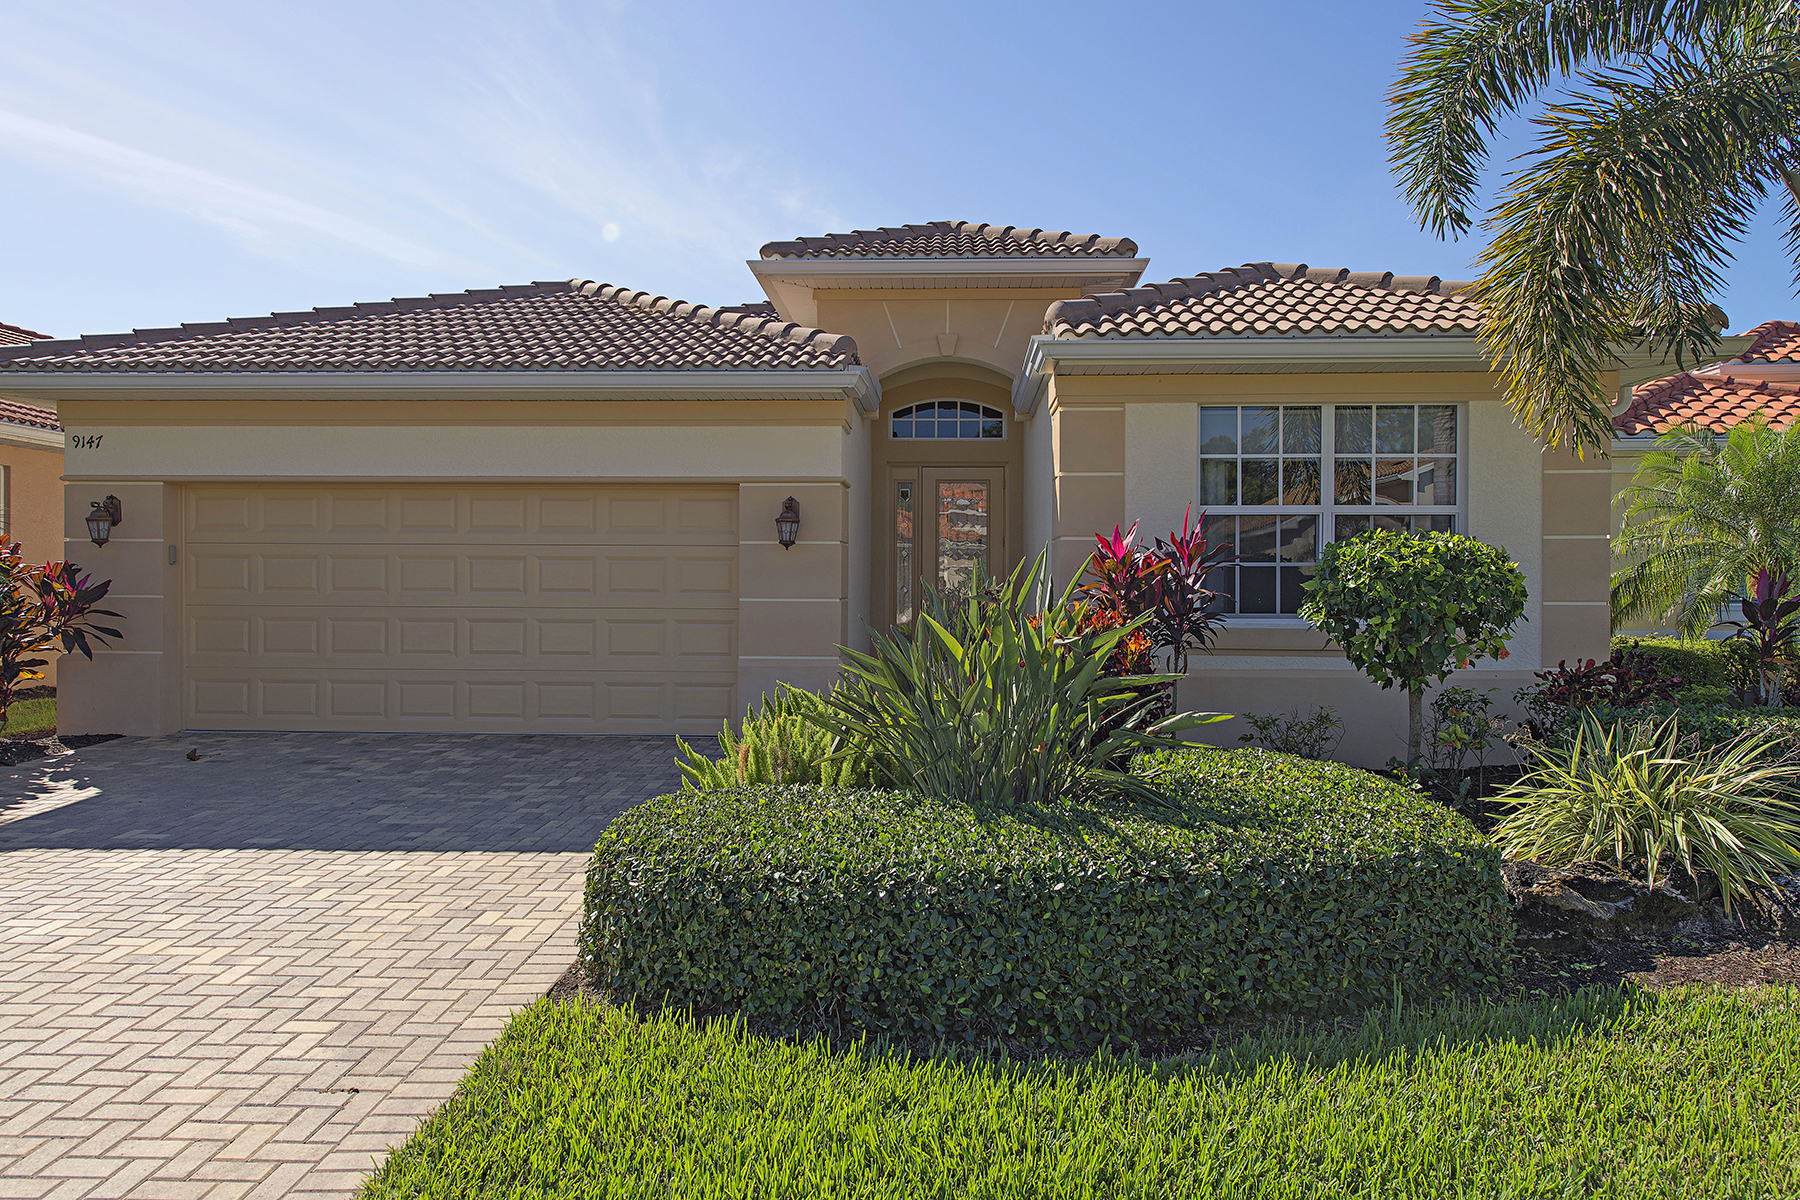 Casa para uma família para Venda às THE RESERVE AT ESTERO 9147 Astonia Way Estero, Florida, 33967 Estados Unidos